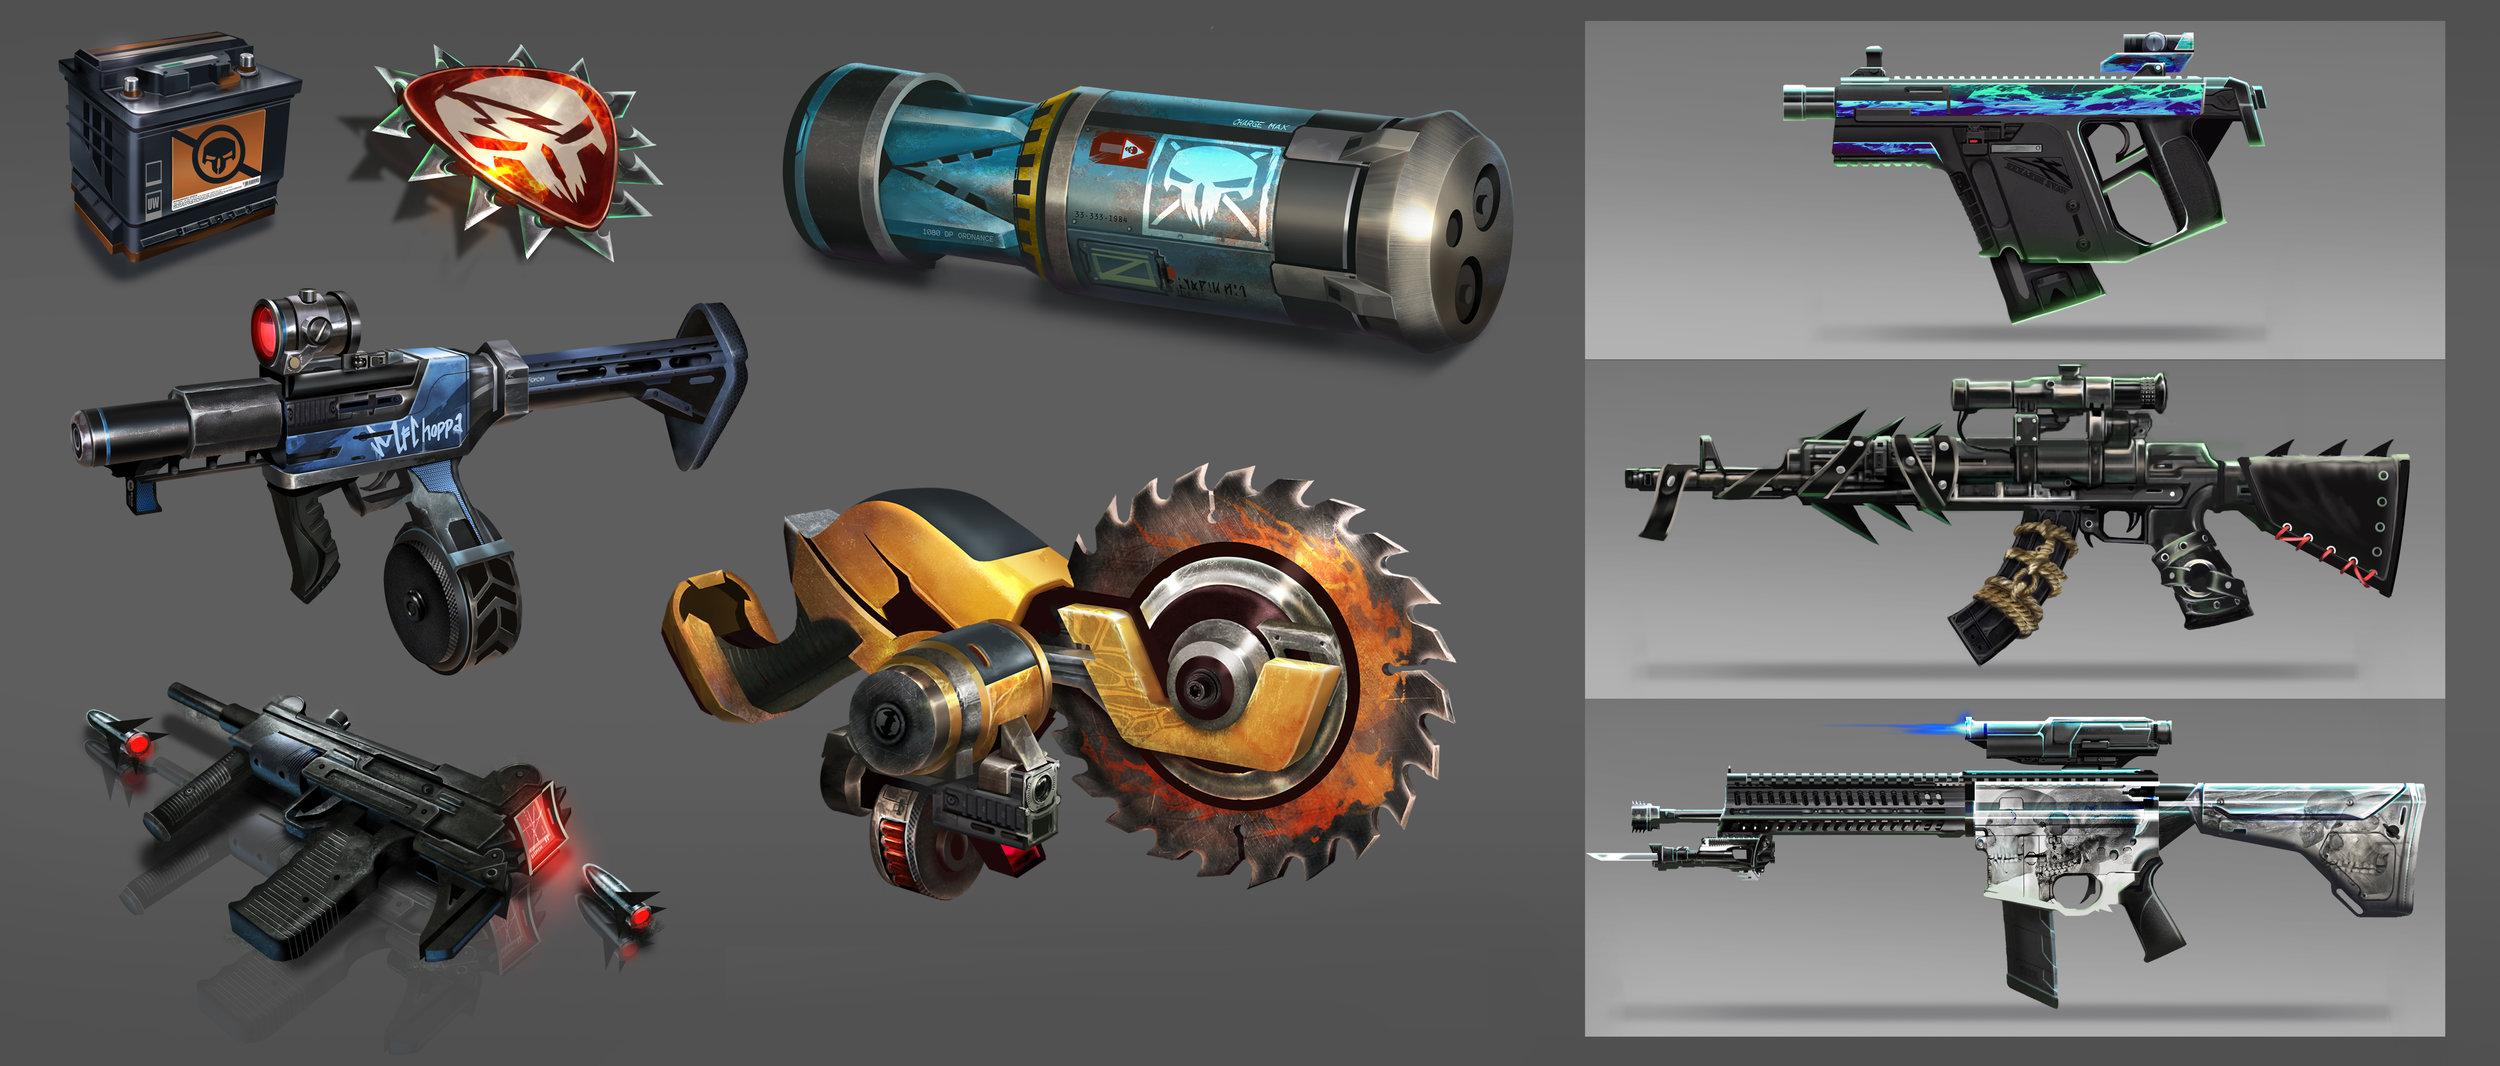 07_ue_weapons2.jpg